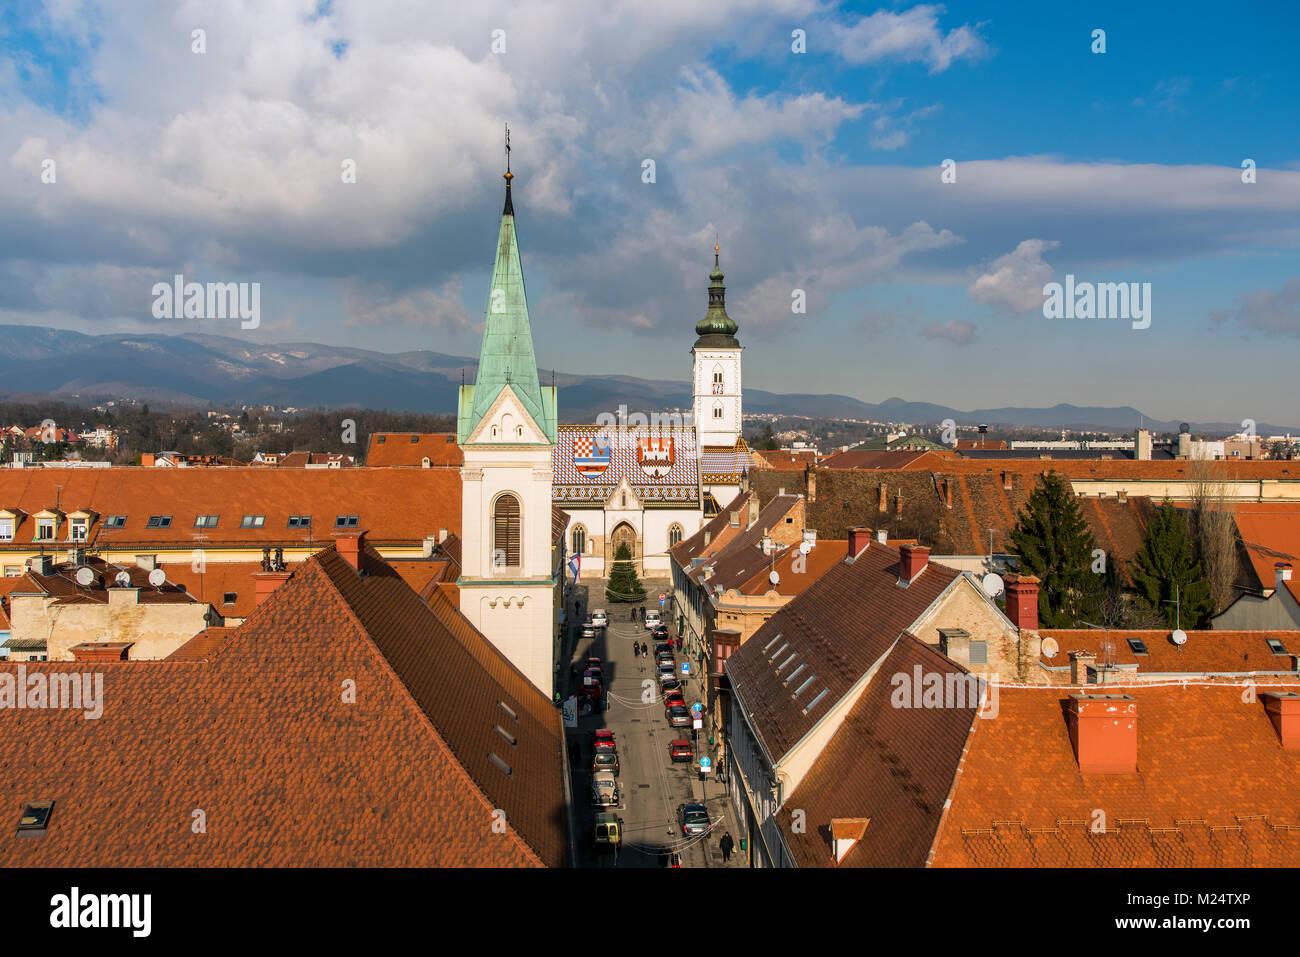 El horizonte de la ciudad vieja con la Iglesia de San Marcos, Zagreb, Croacia. Imagen De Stock